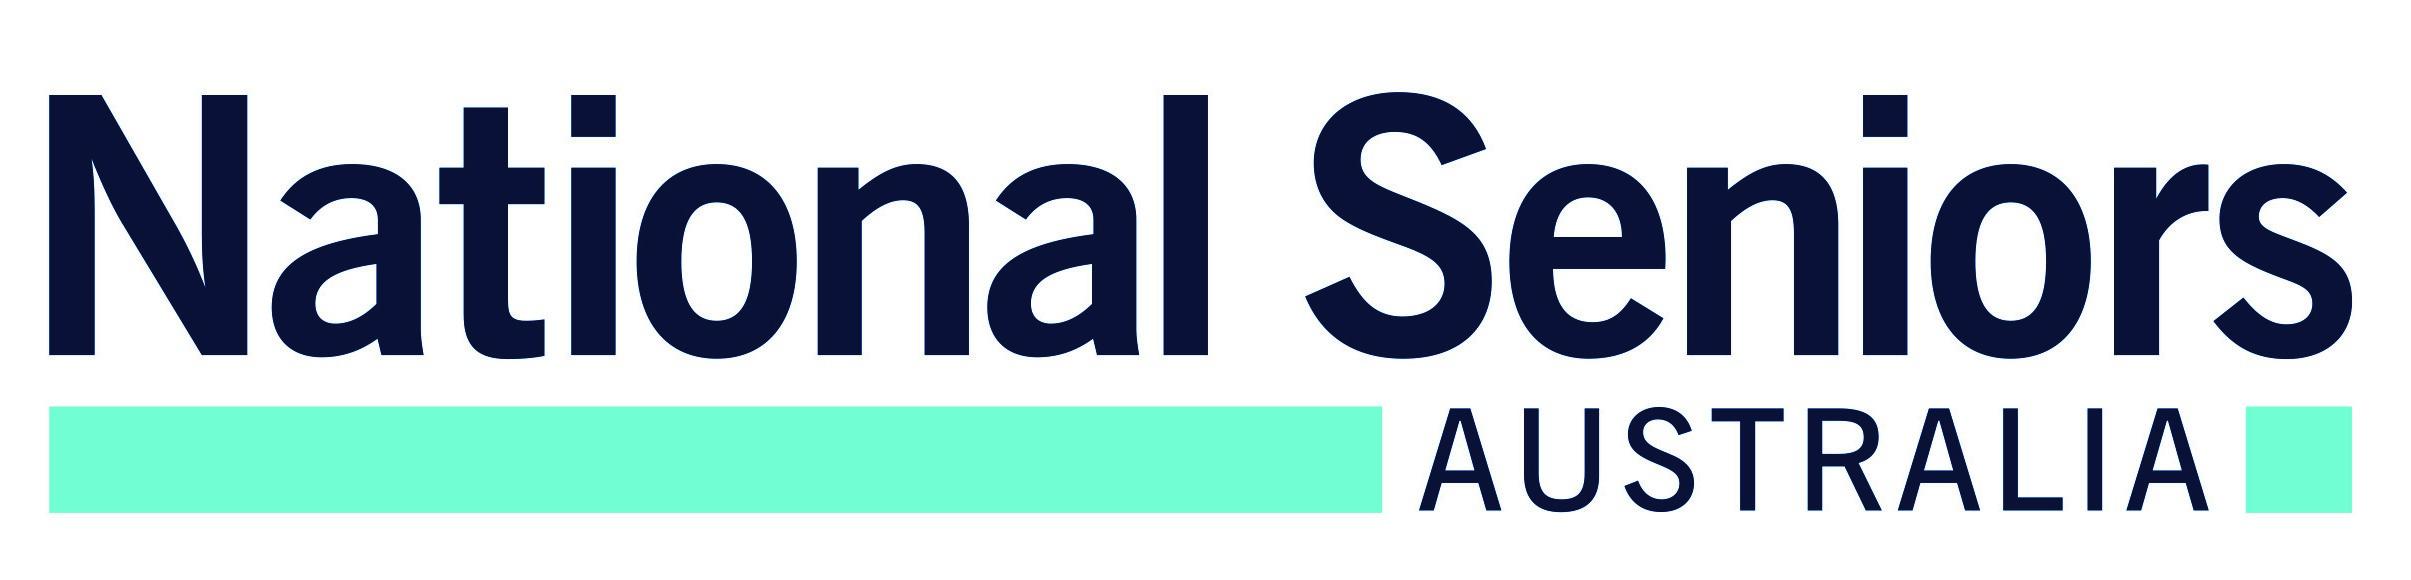 National Seniors Australia